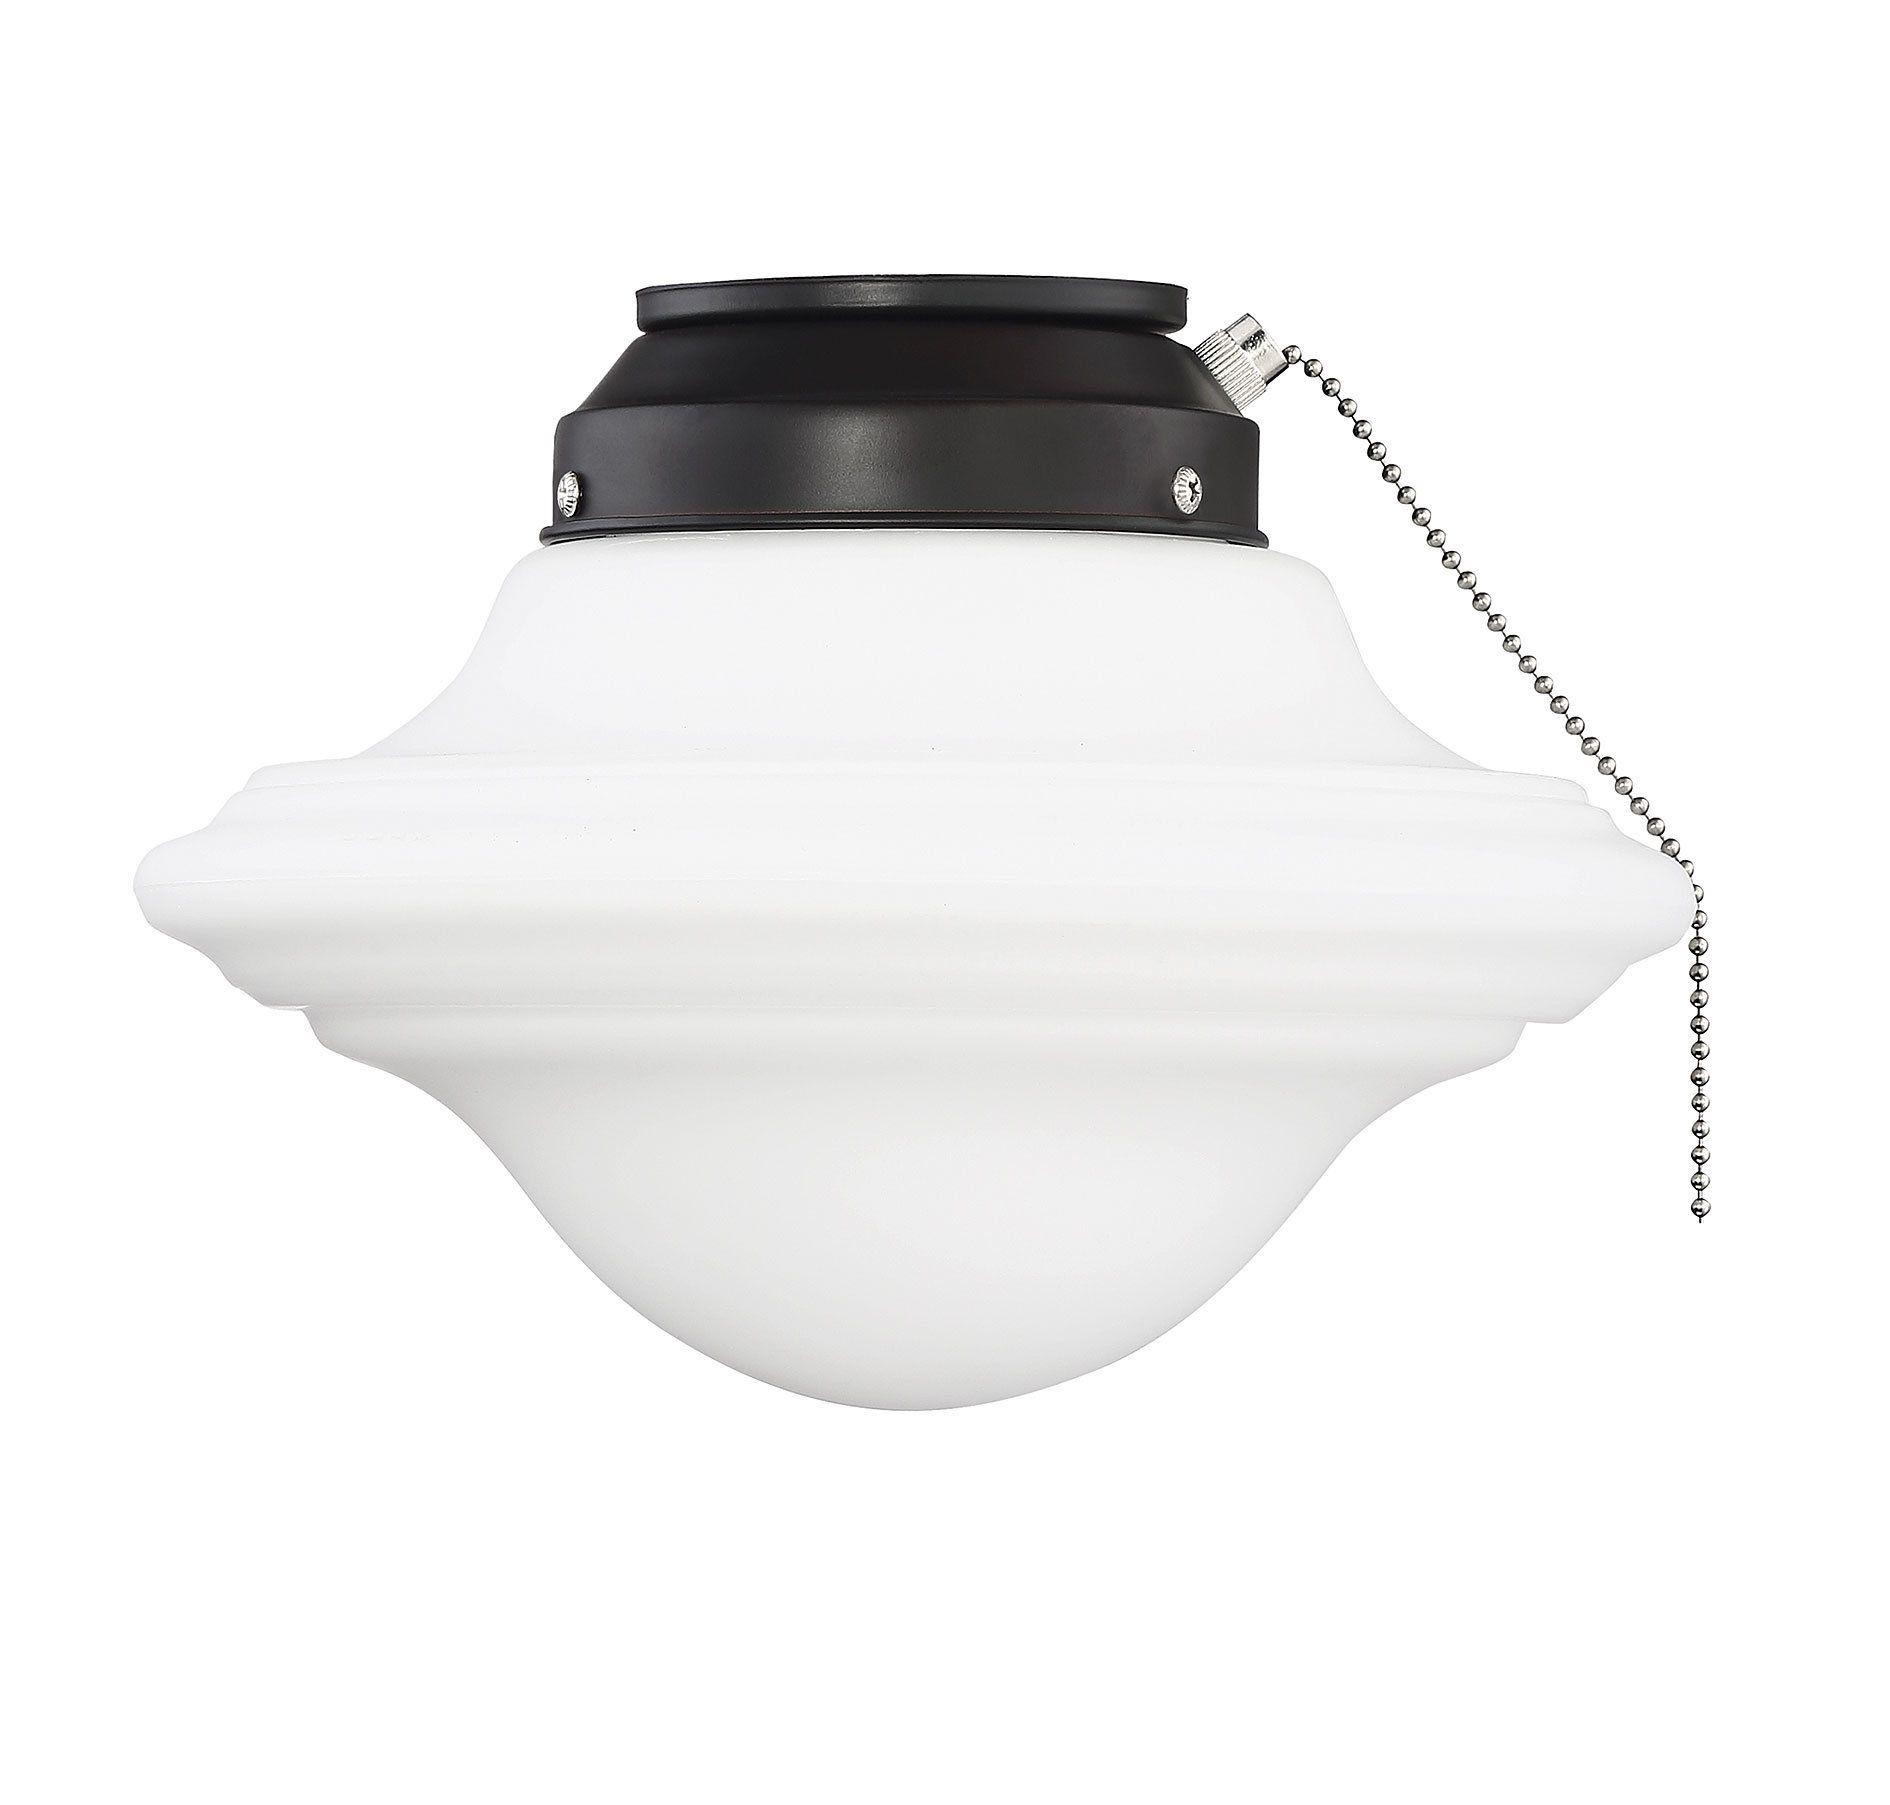 Pierce Paxton 1-Light Schoolhouse Ceiling Fan Light Kit